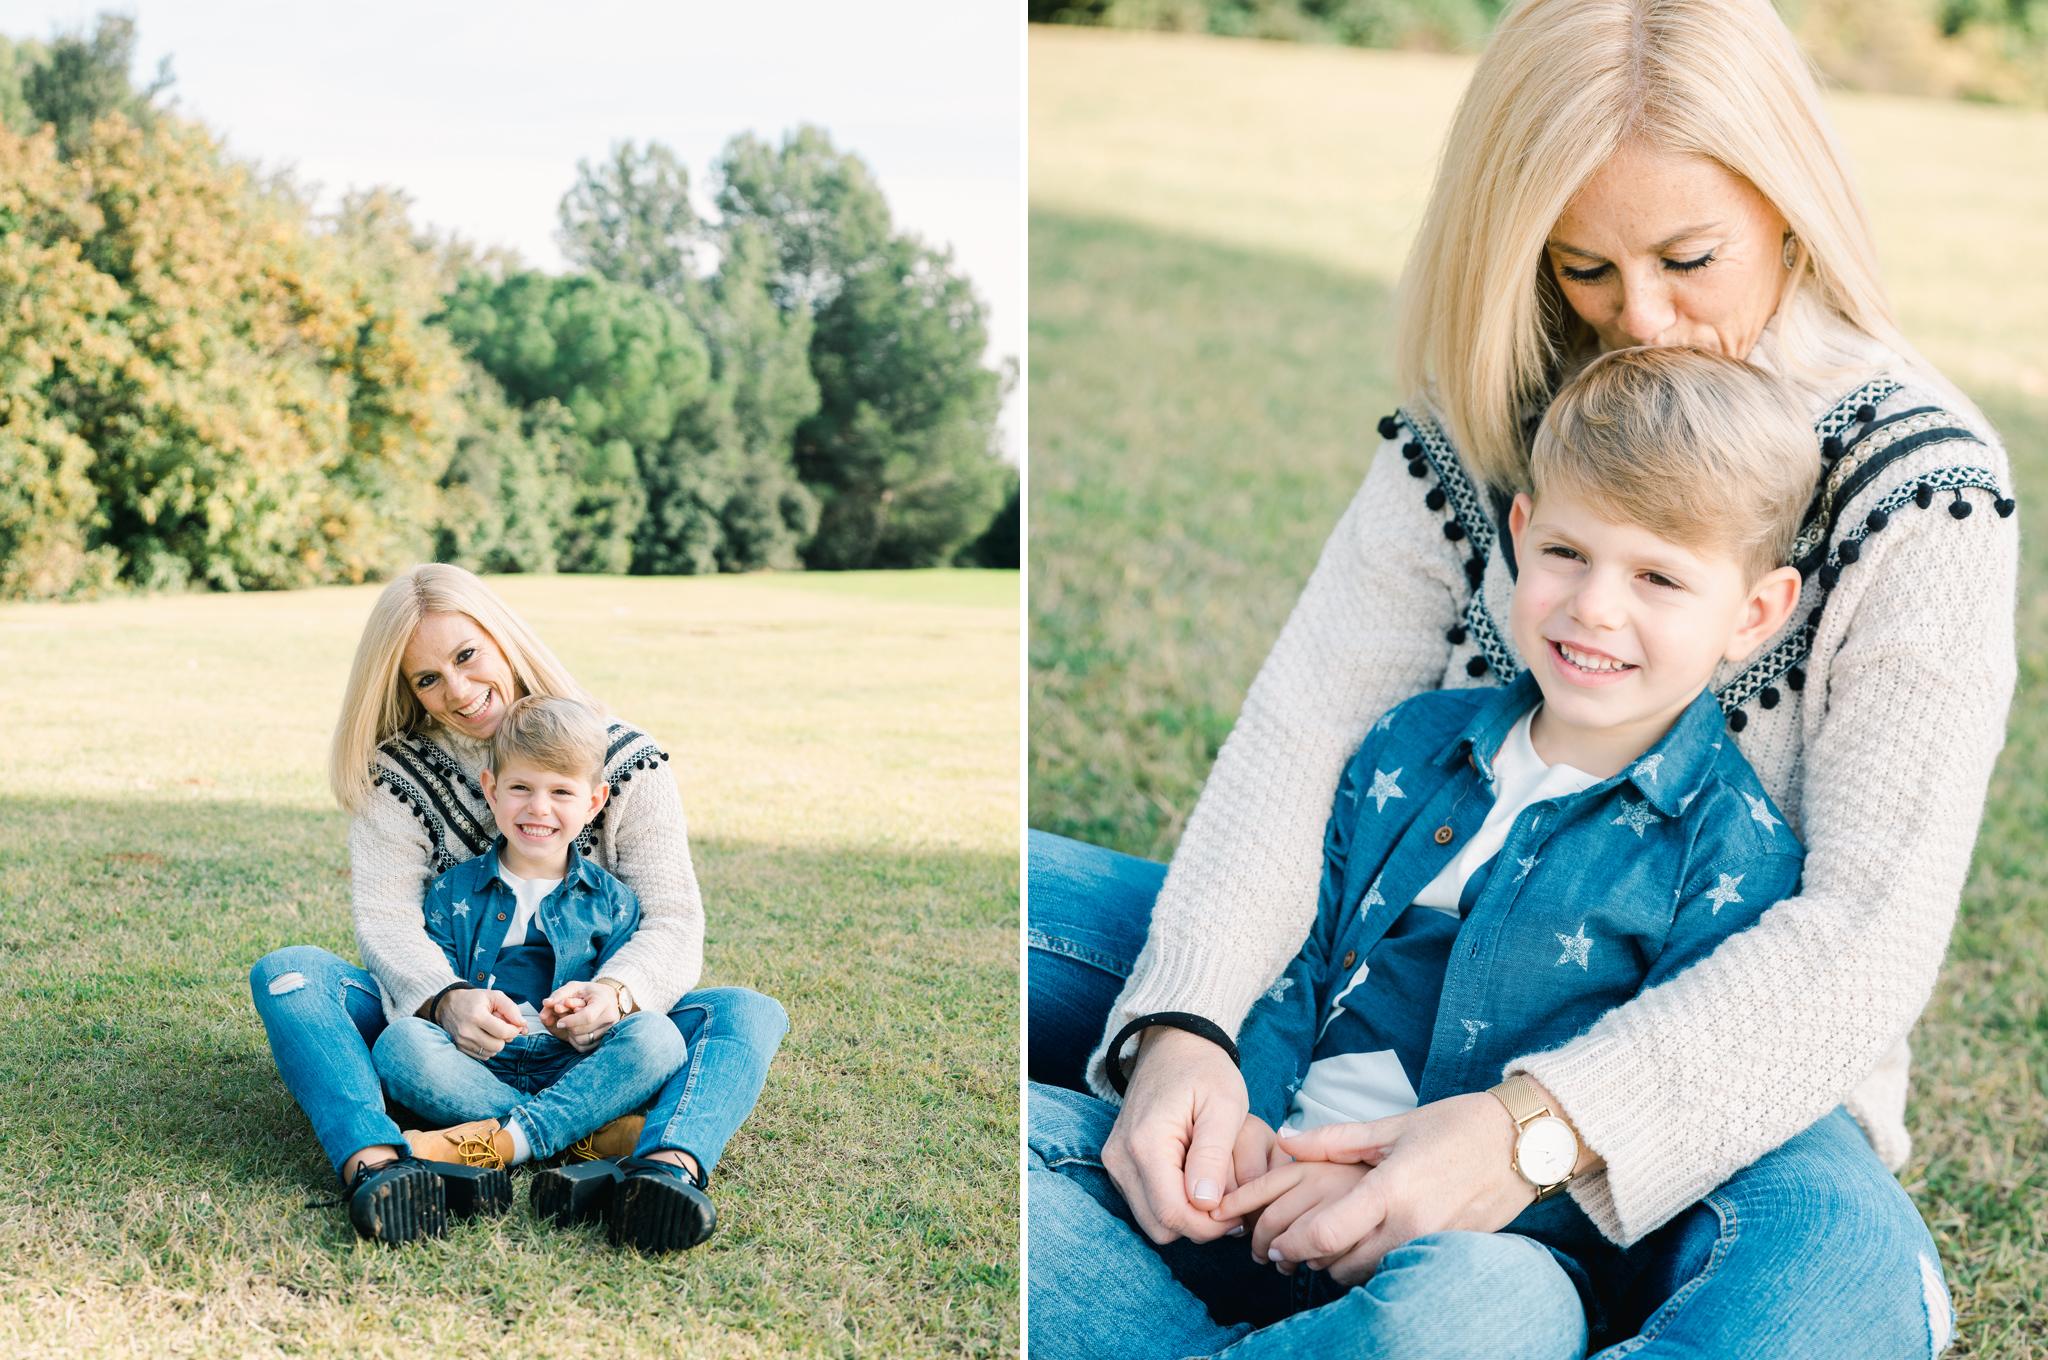 fotografia infantil y familiar08.jpg